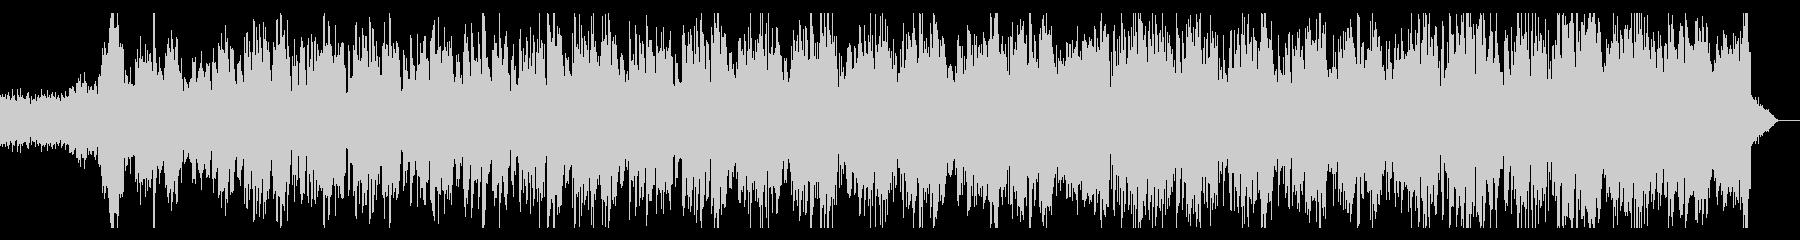 ベースのうねったリズムのダークなテイストの未再生の波形